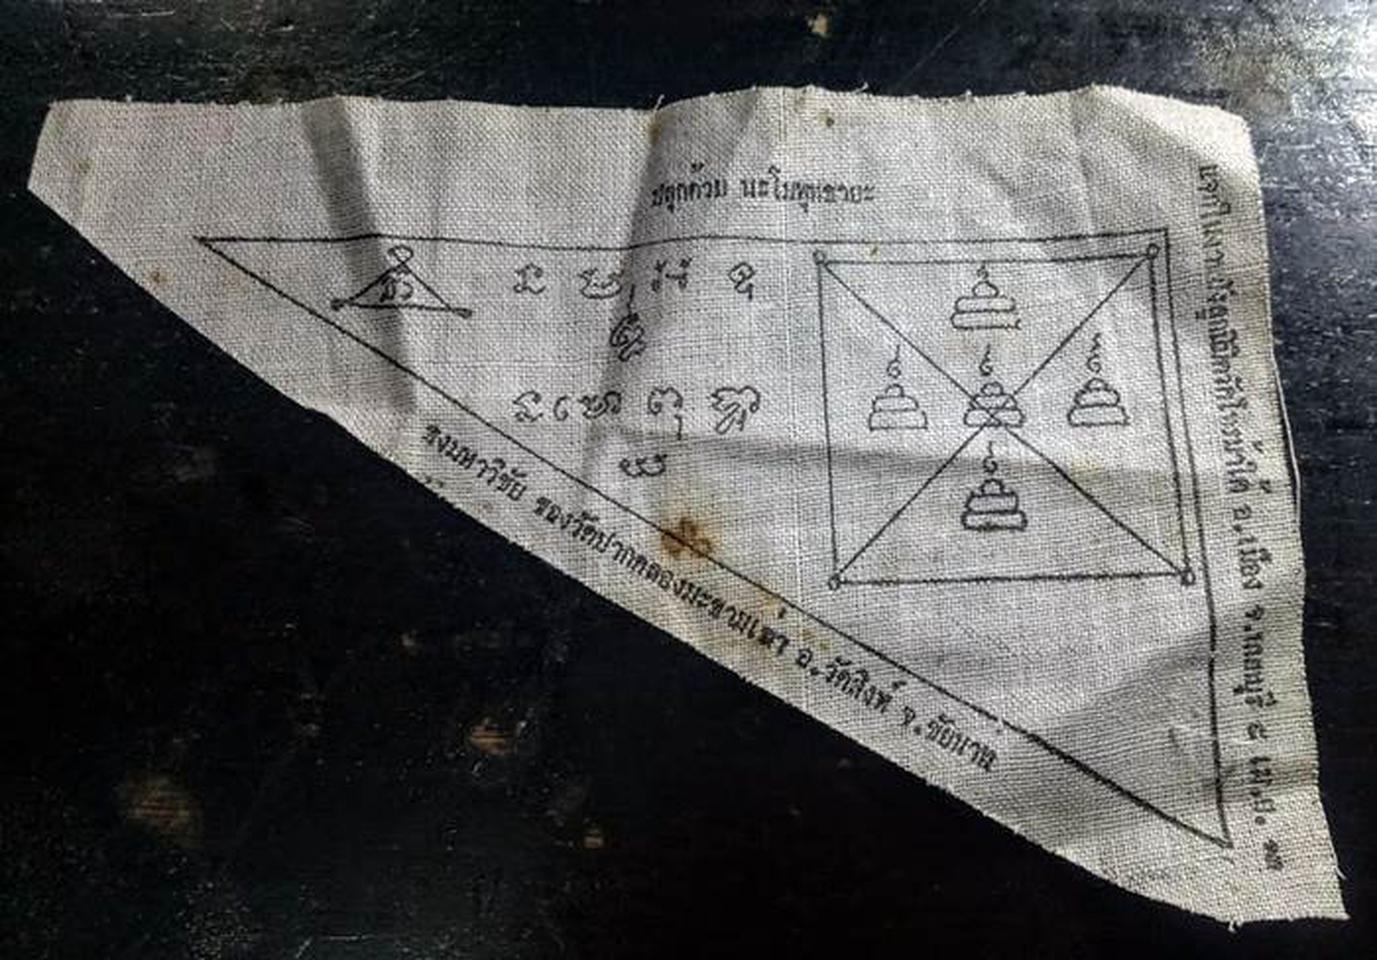 ยันต์ธง วัดปากคลองมะขามเฒ่า  แจกในงานฝังลูกนิมิต วัดไทรม้าใต รูปที่ 2